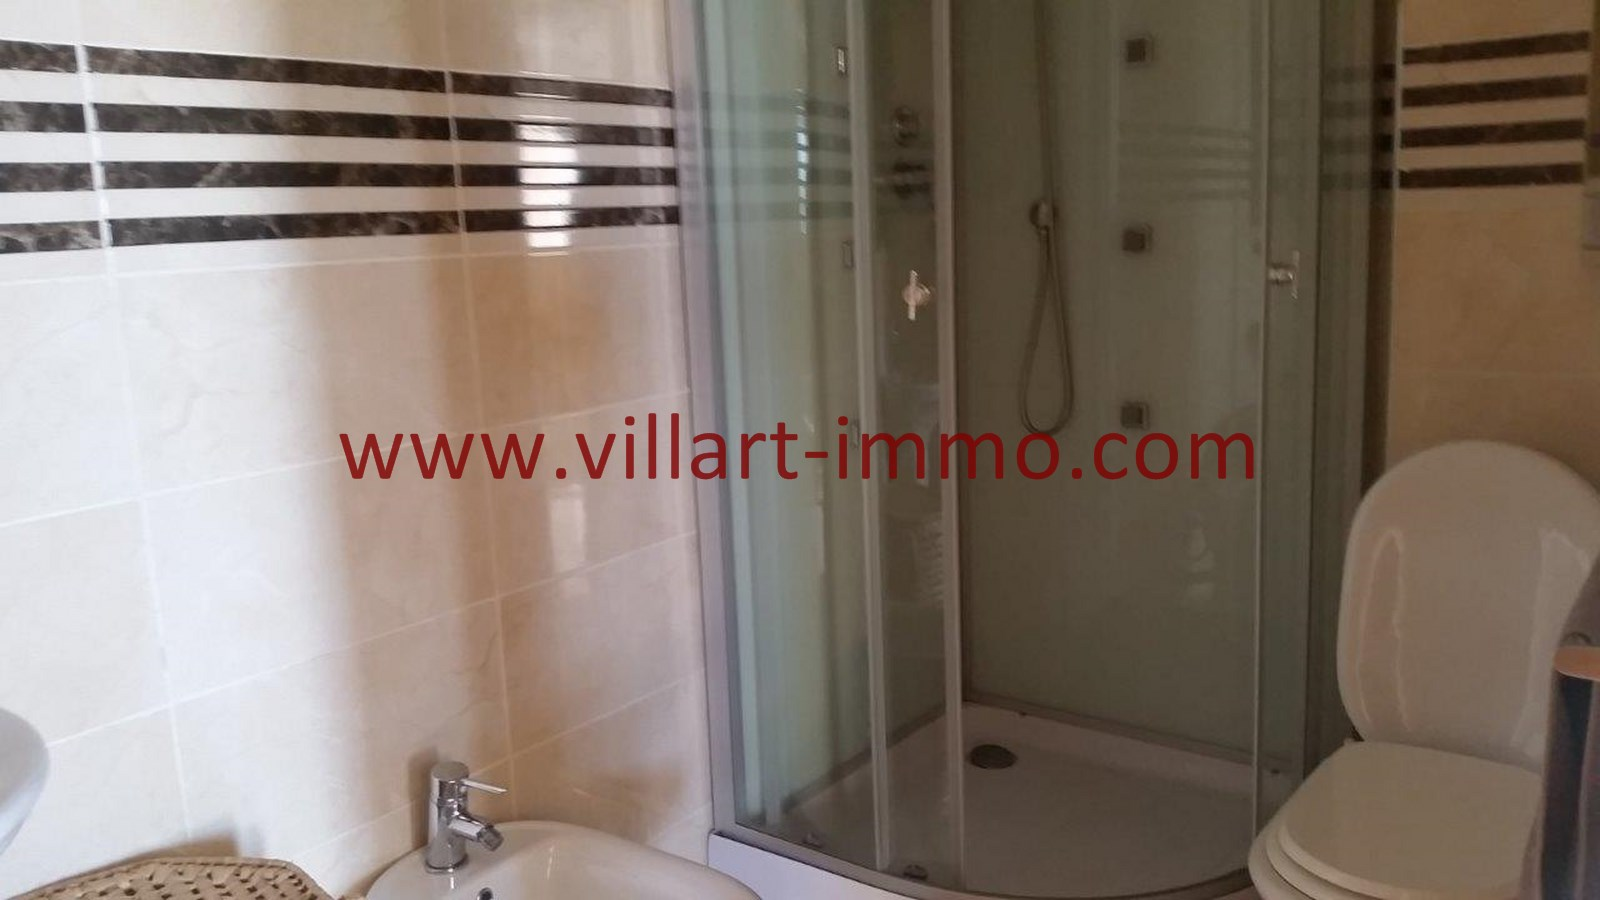 6-Location-Appartement-Meublé-Achakar-Tanger-Salle de bain 1-L831-Villart immo